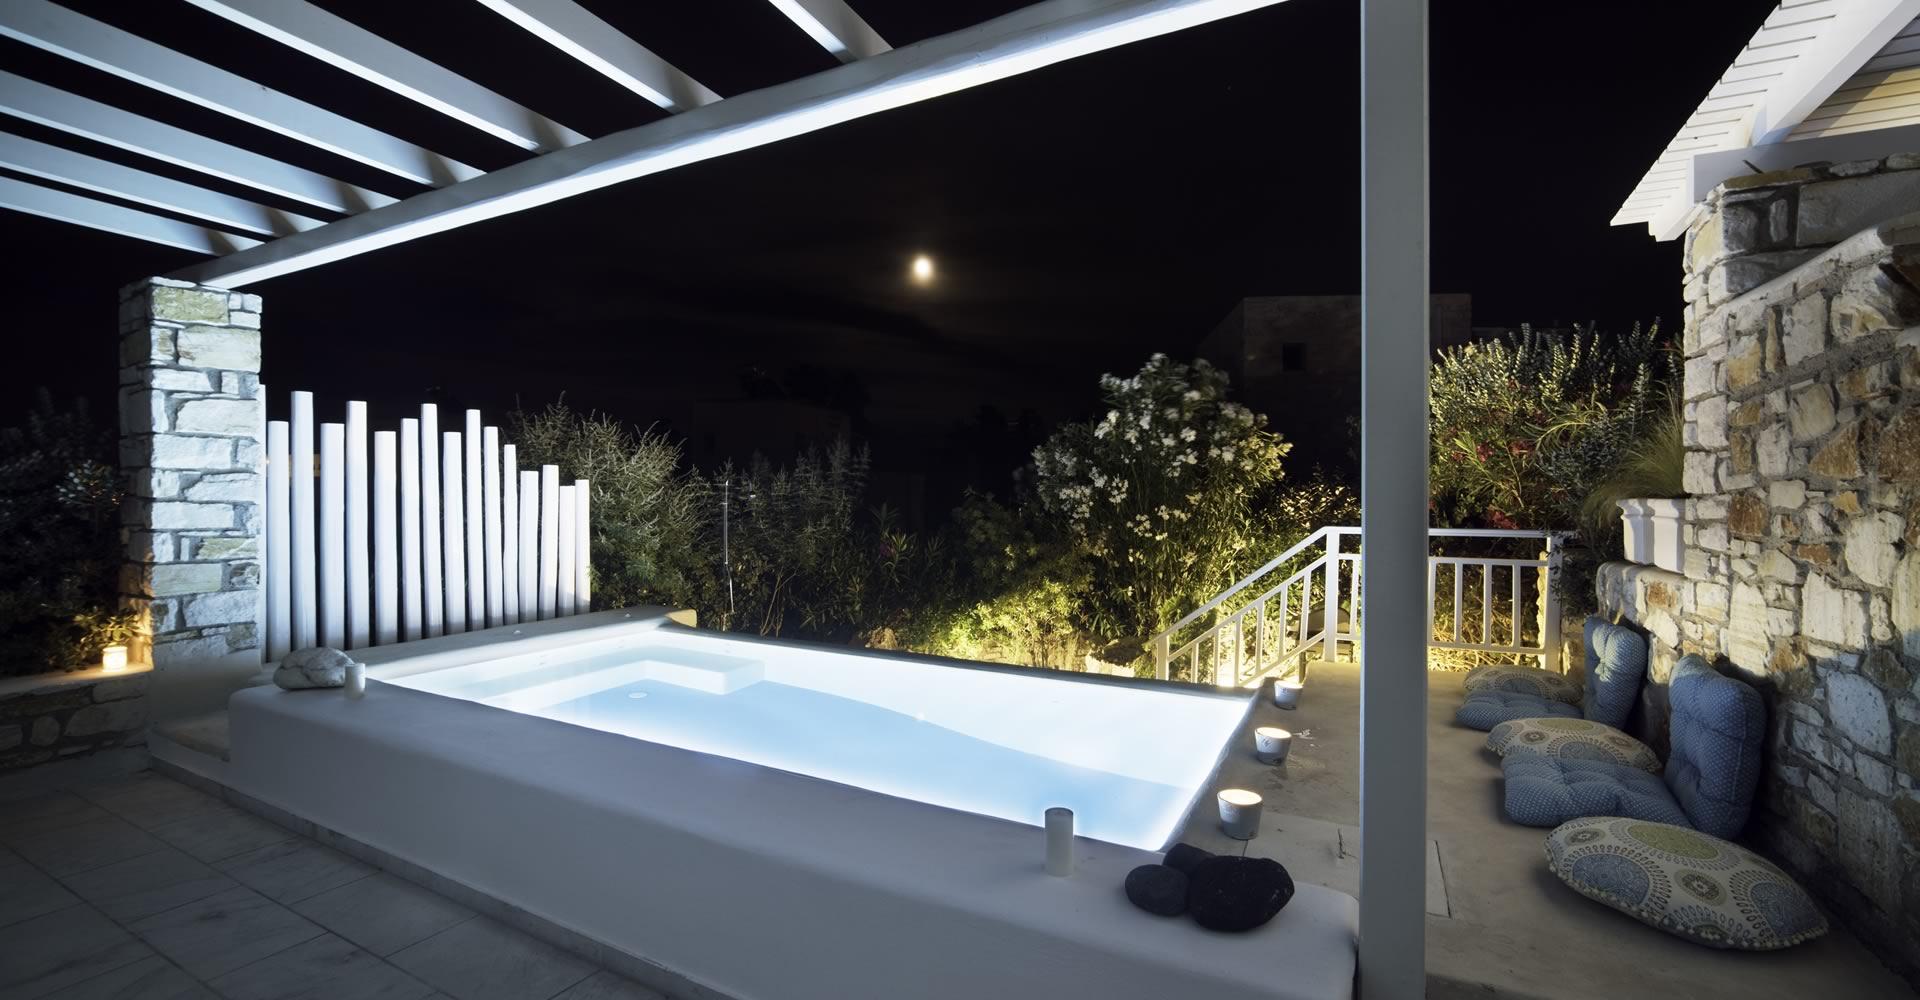 Eco pool night view Villa Nausithoe II